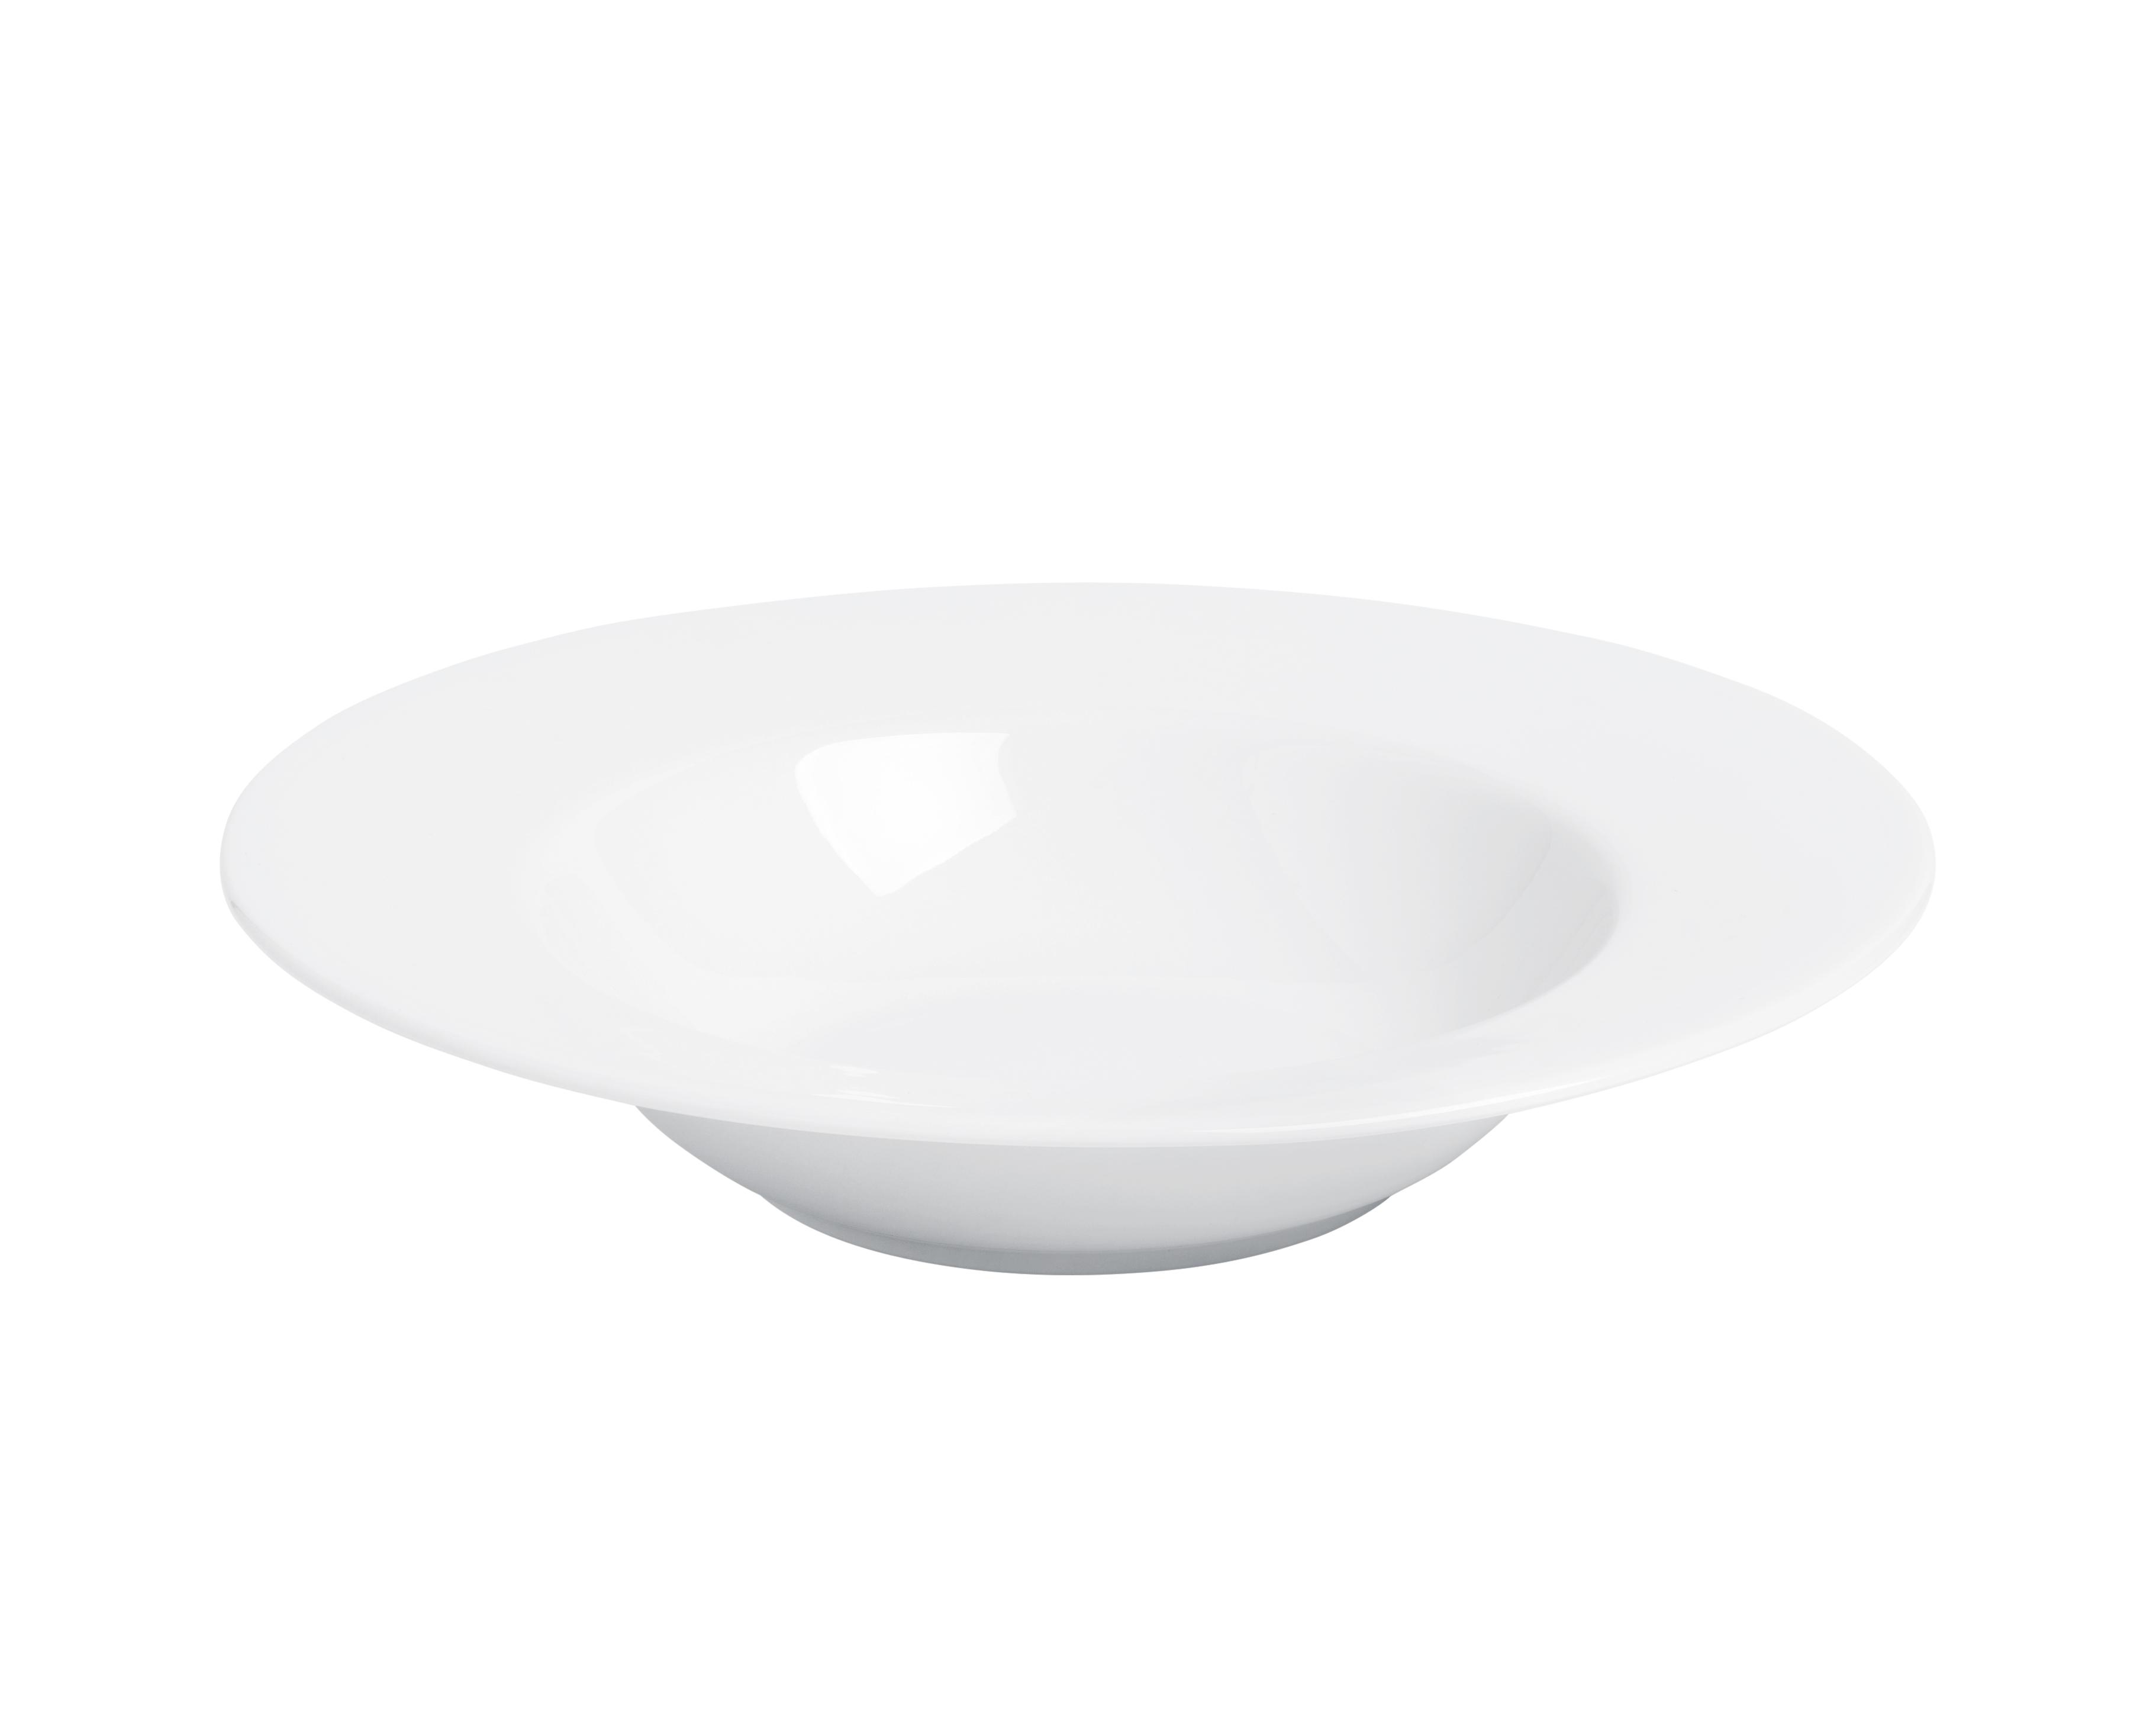 Pillivuyt - Pastatallerken Ekstra Deep Ø 28 cm - White (200528)